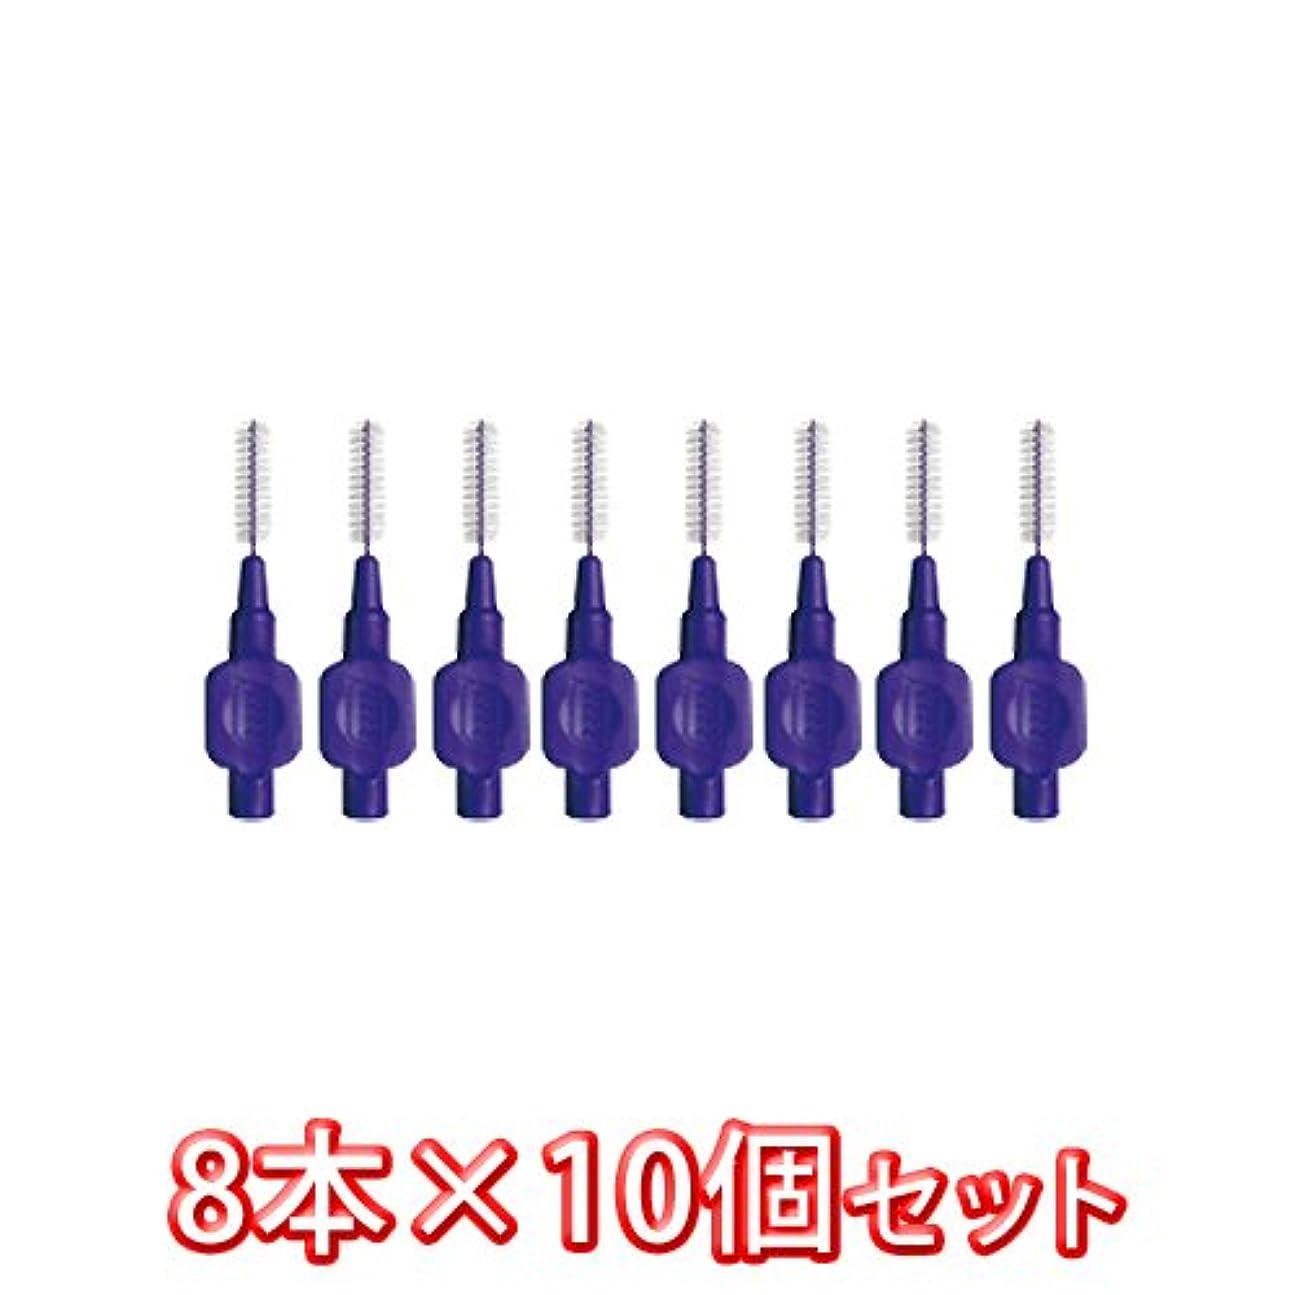 スーパー腐った小康テペ 歯間ブラシ 8本入×10袋 パープル 1.1mm